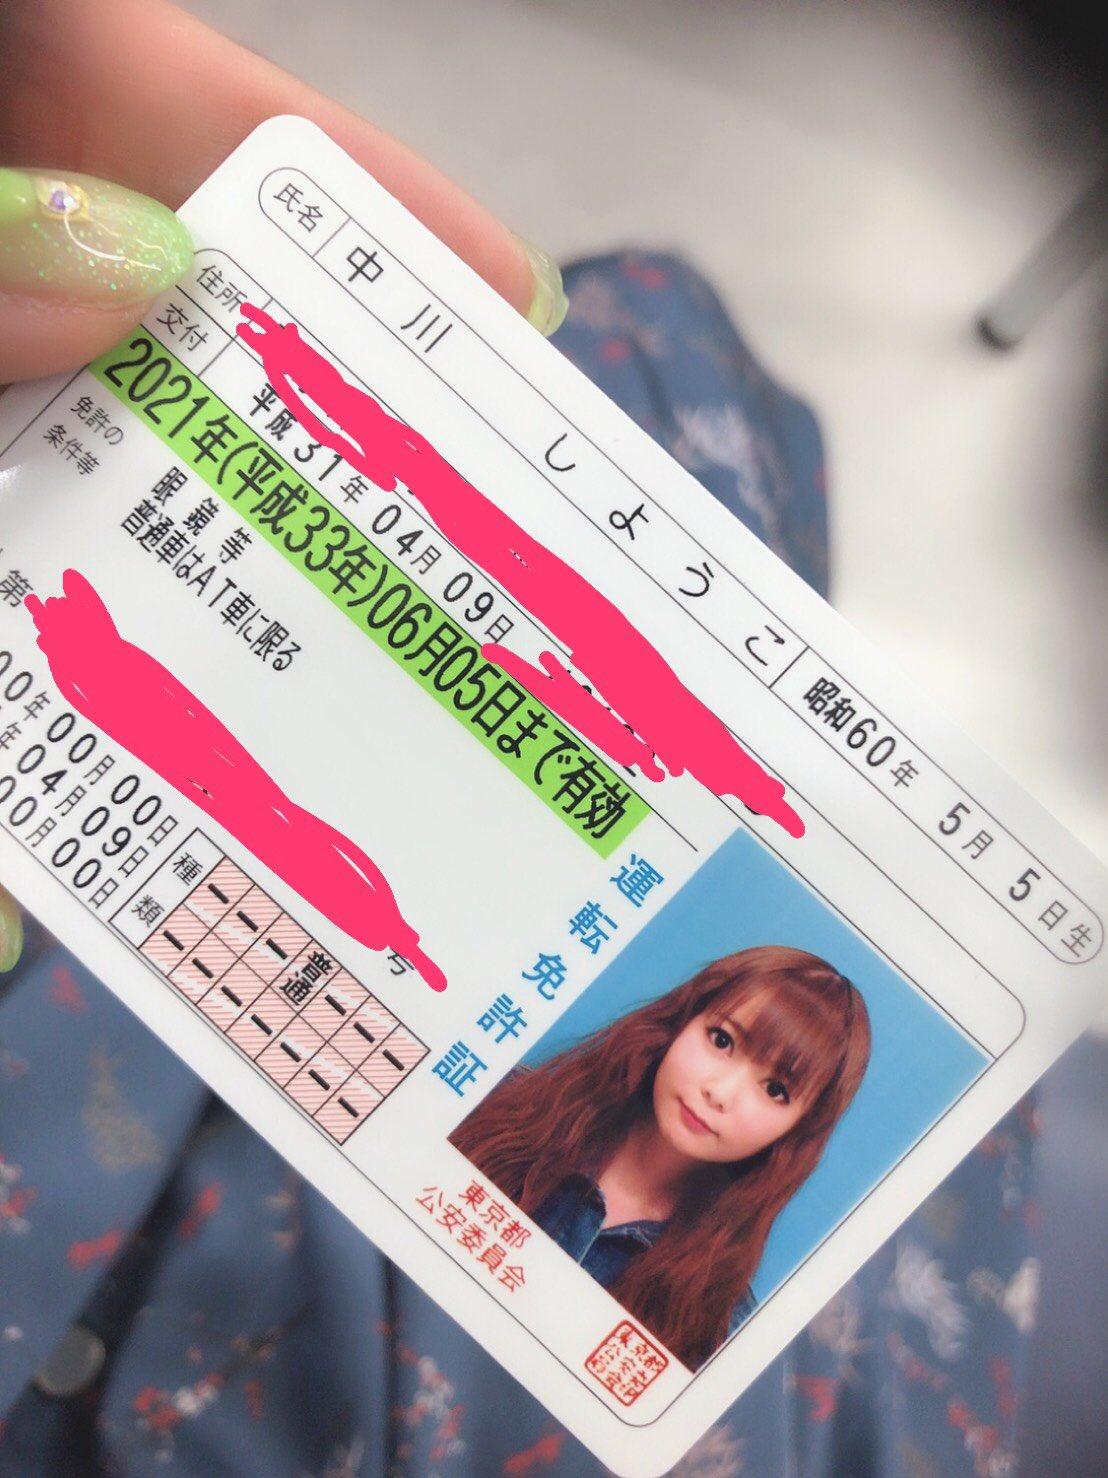 中川翔子 運転免許証を更新した(画像あり)